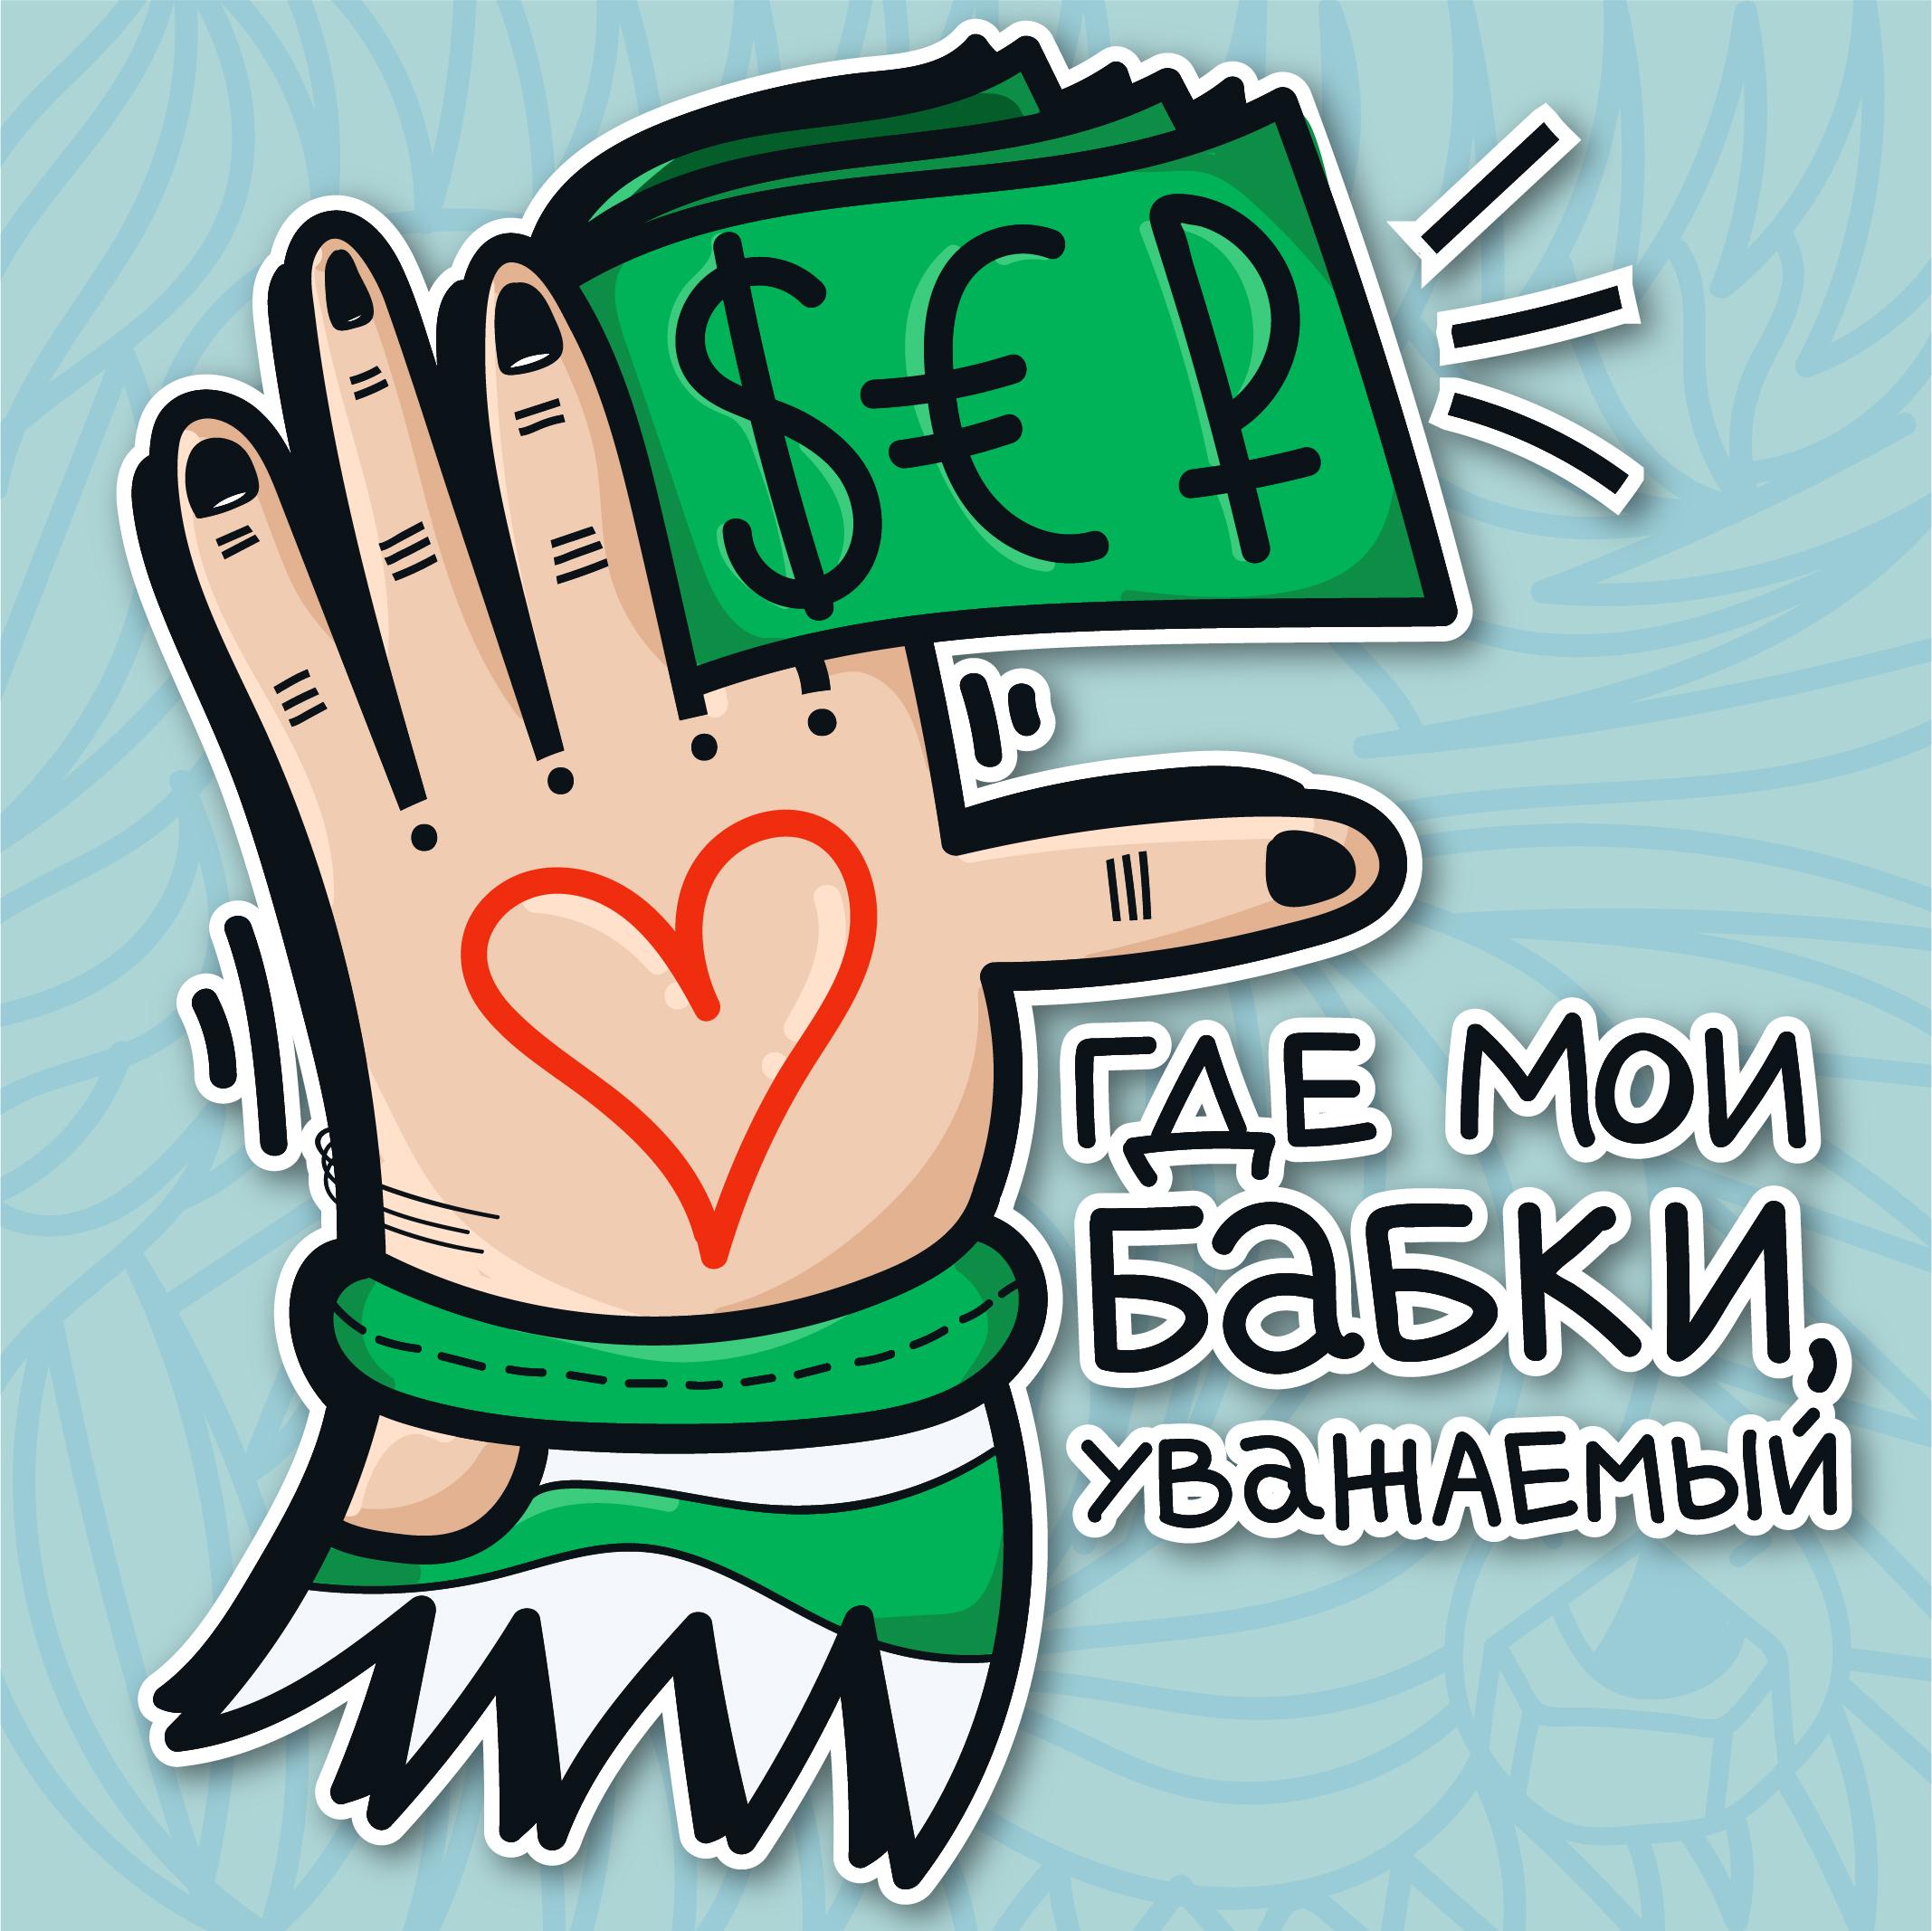 Стикерпаки на день фриланса для FL.ru фото f_0965cd7f82ccab00.jpg